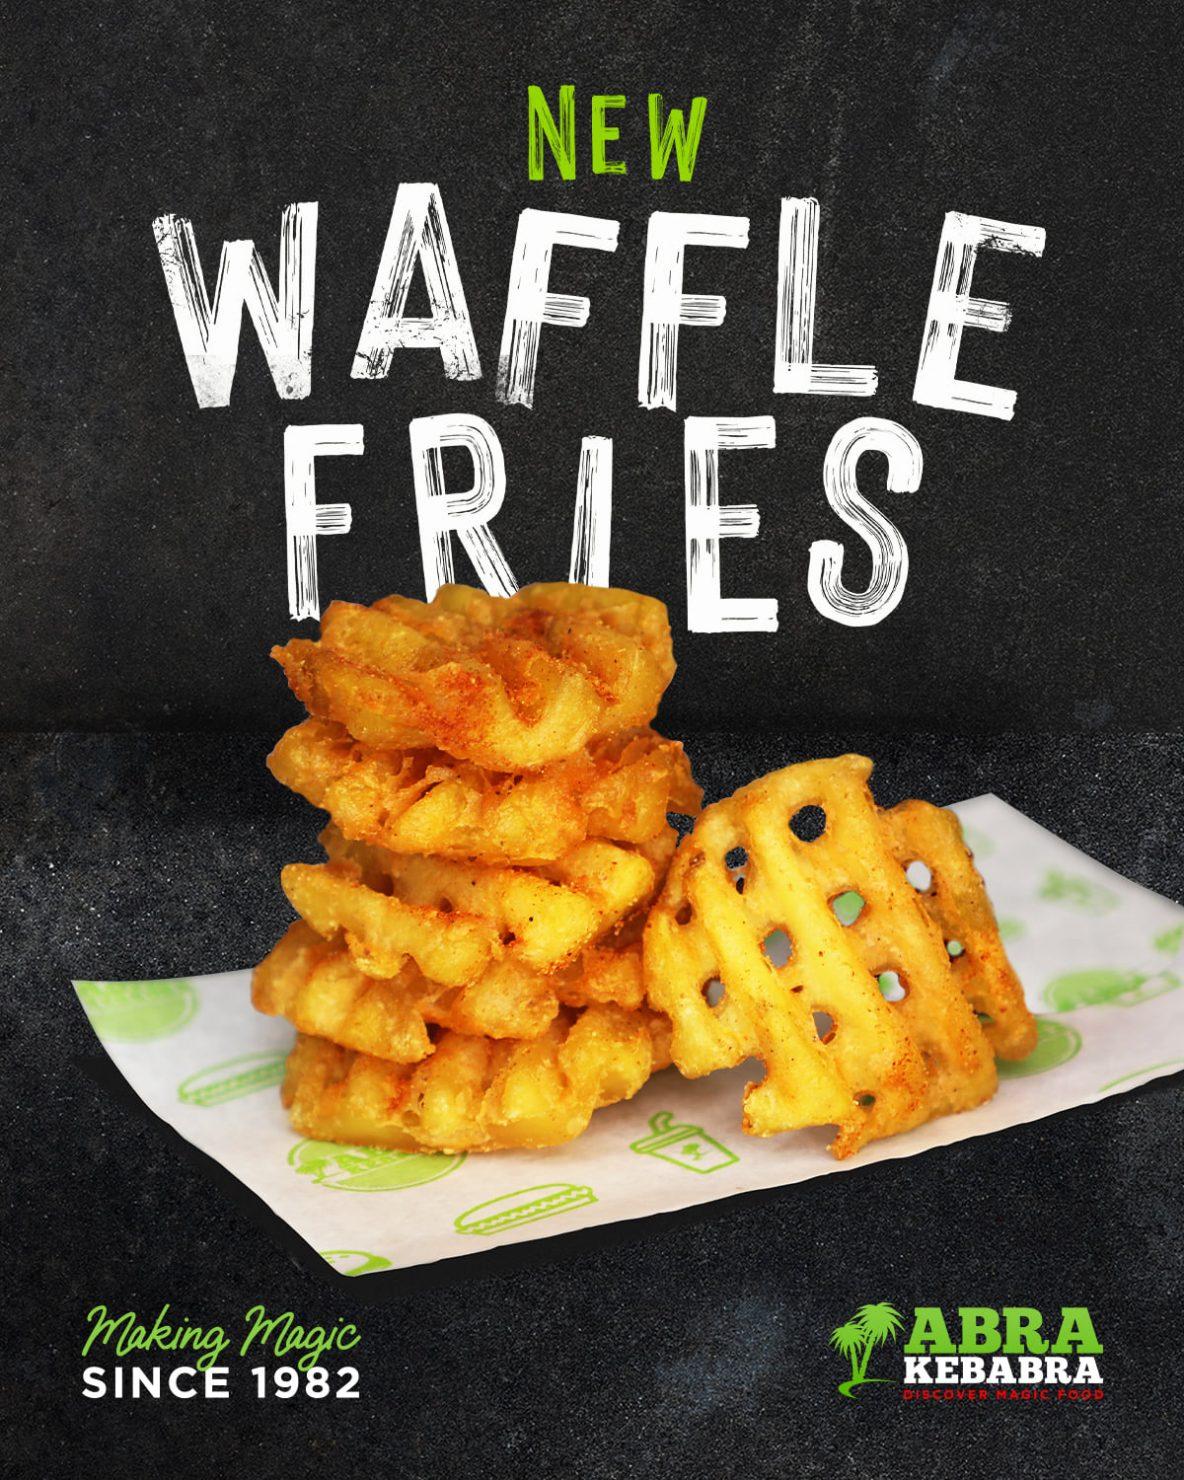 Waffle Fries at Abrakebabra